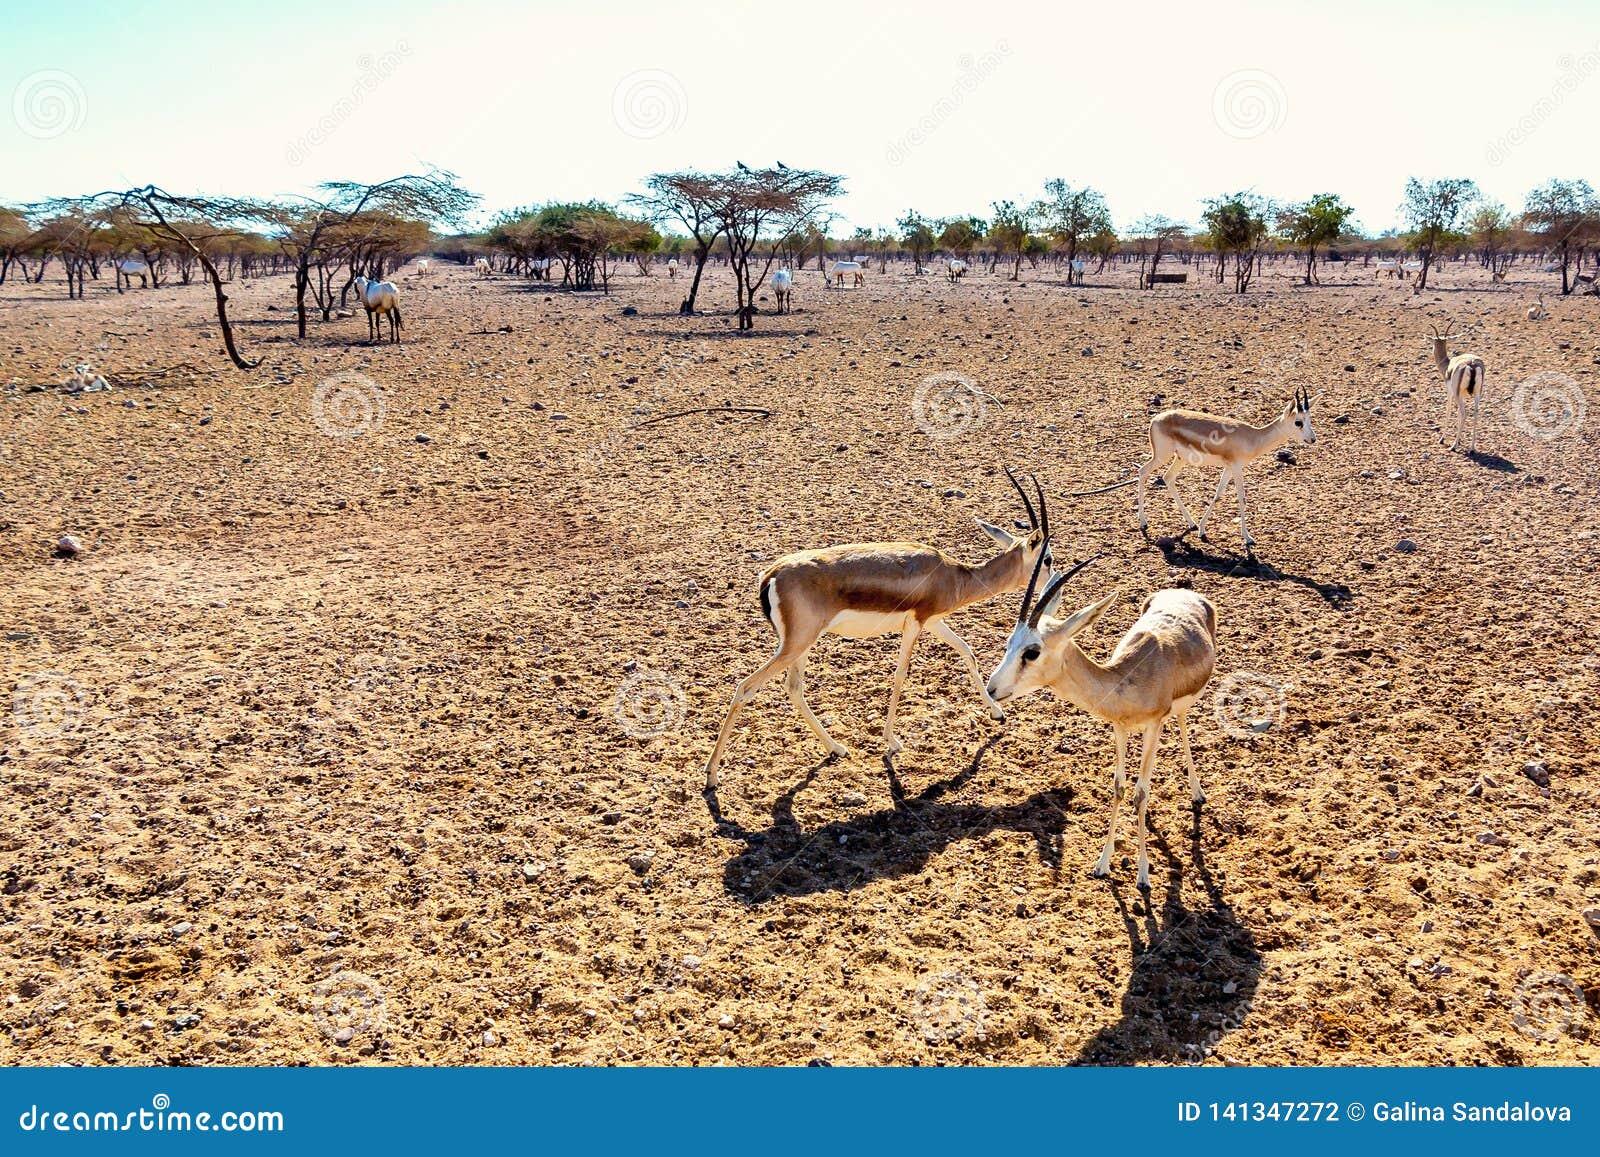 Grupo del antílope en un parque del safari en la isla de Sir Bani Yas, United Arab Emirates